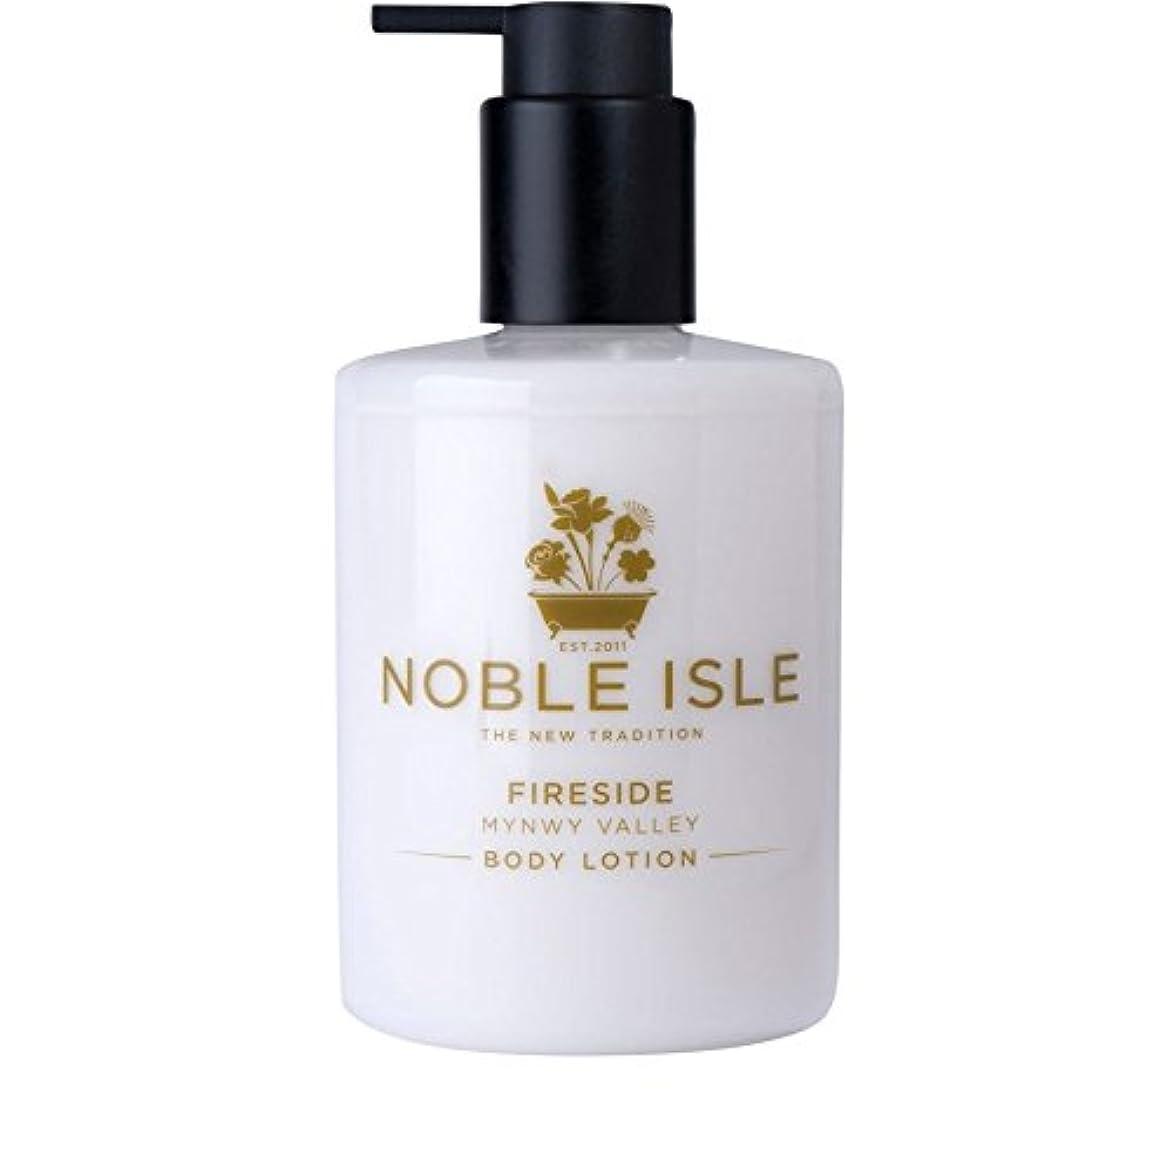 激怒群集違うNoble Isle Fireside Mynwy Valley Body Lotion 250ml - 高貴な島炉端谷のボディローション250ミリリットル [並行輸入品]